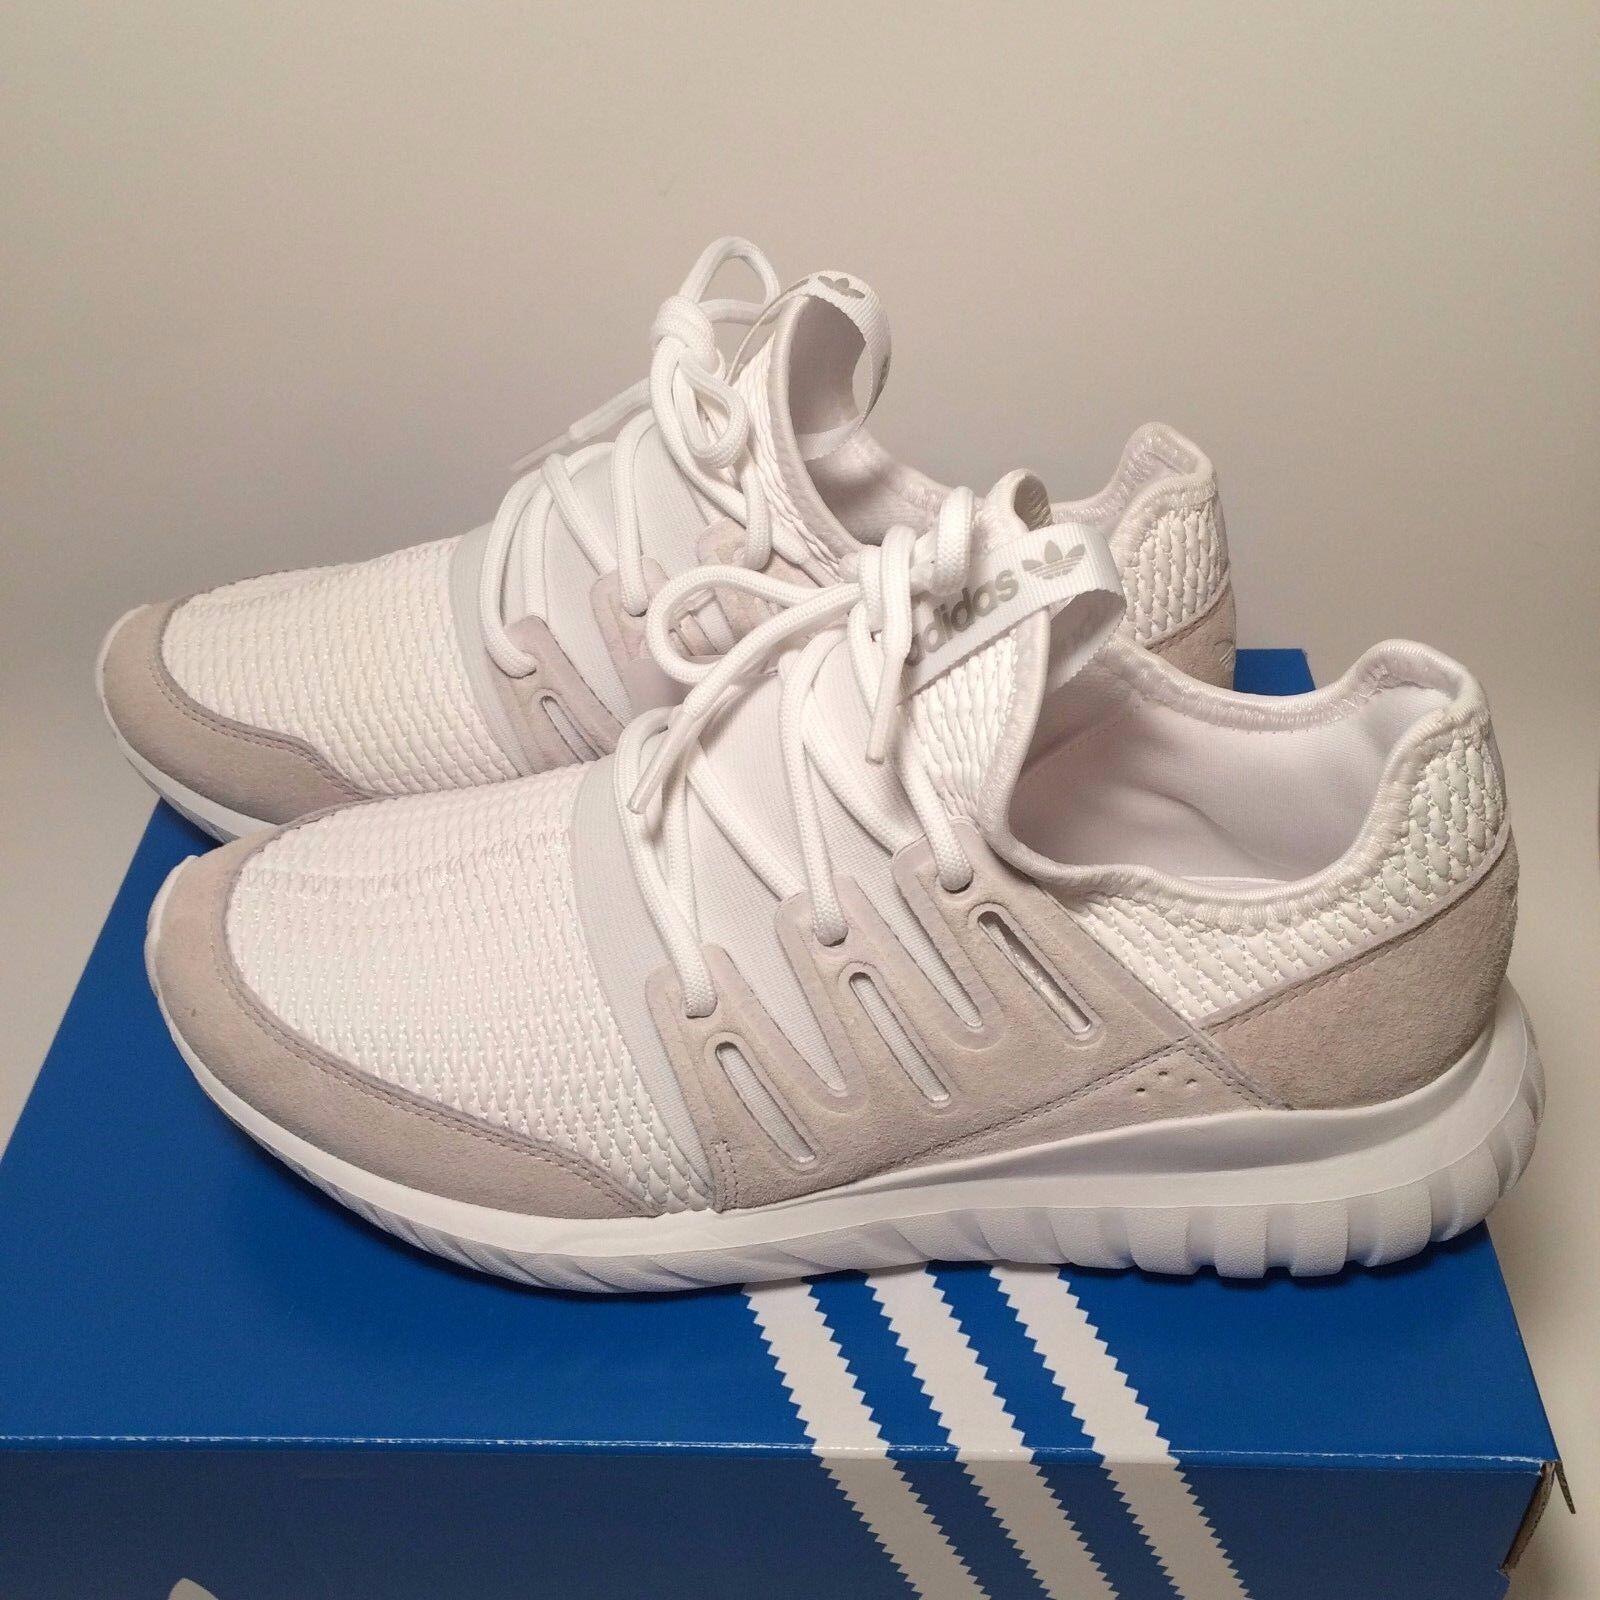 New ADIDAS Tubular Radial  MAN'S White Sneaker S76720 SZ 8